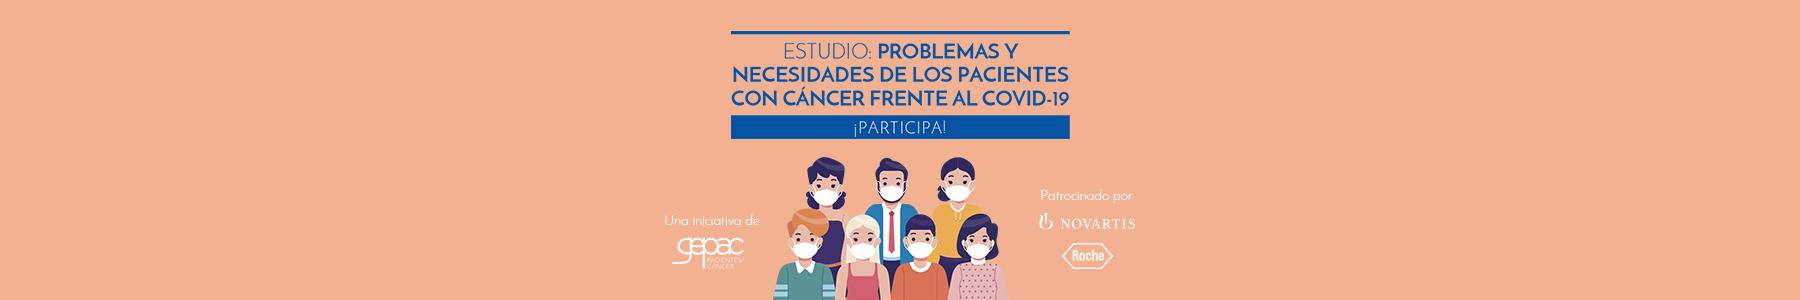 banner-encuesta-covid-19-cancer-gepac-2020_aeal